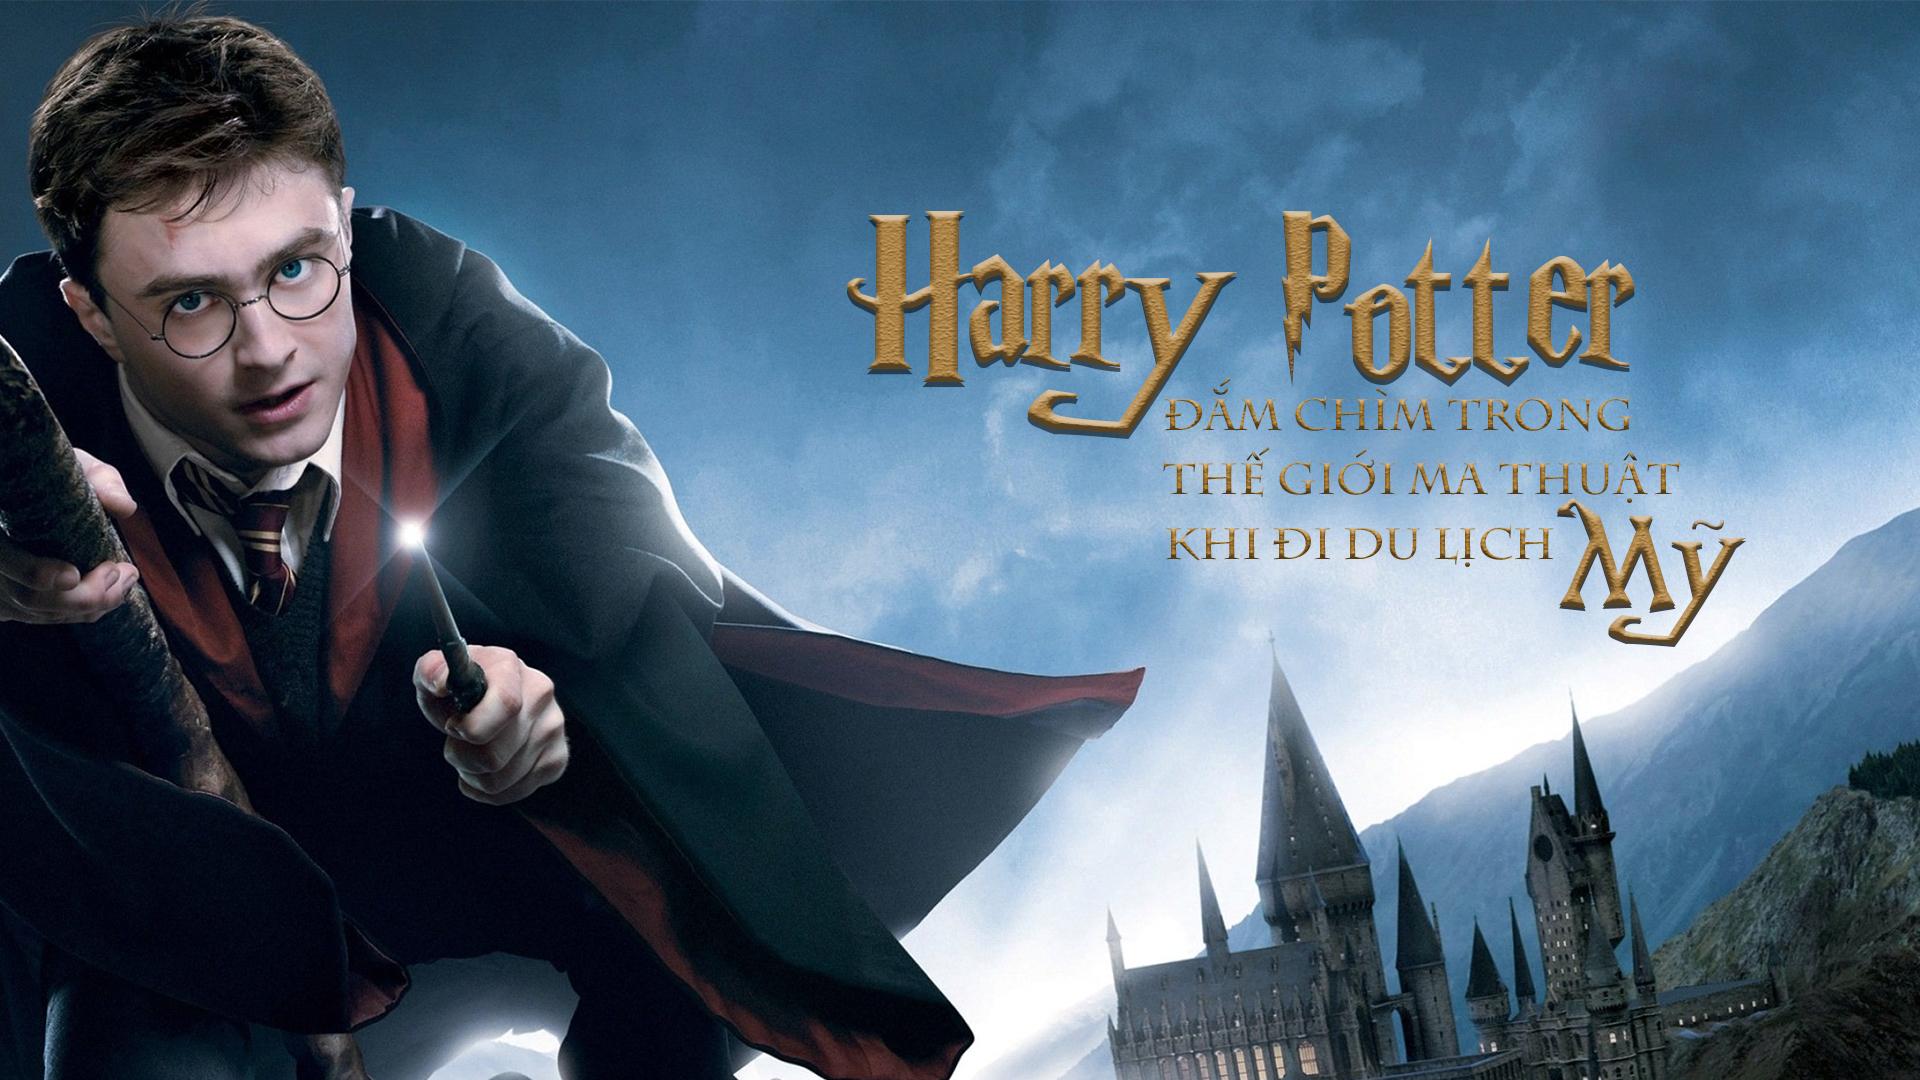 Đắm chìm vào thế giới ma thuật trong Harry Potter khi đi du lịch Mỹ